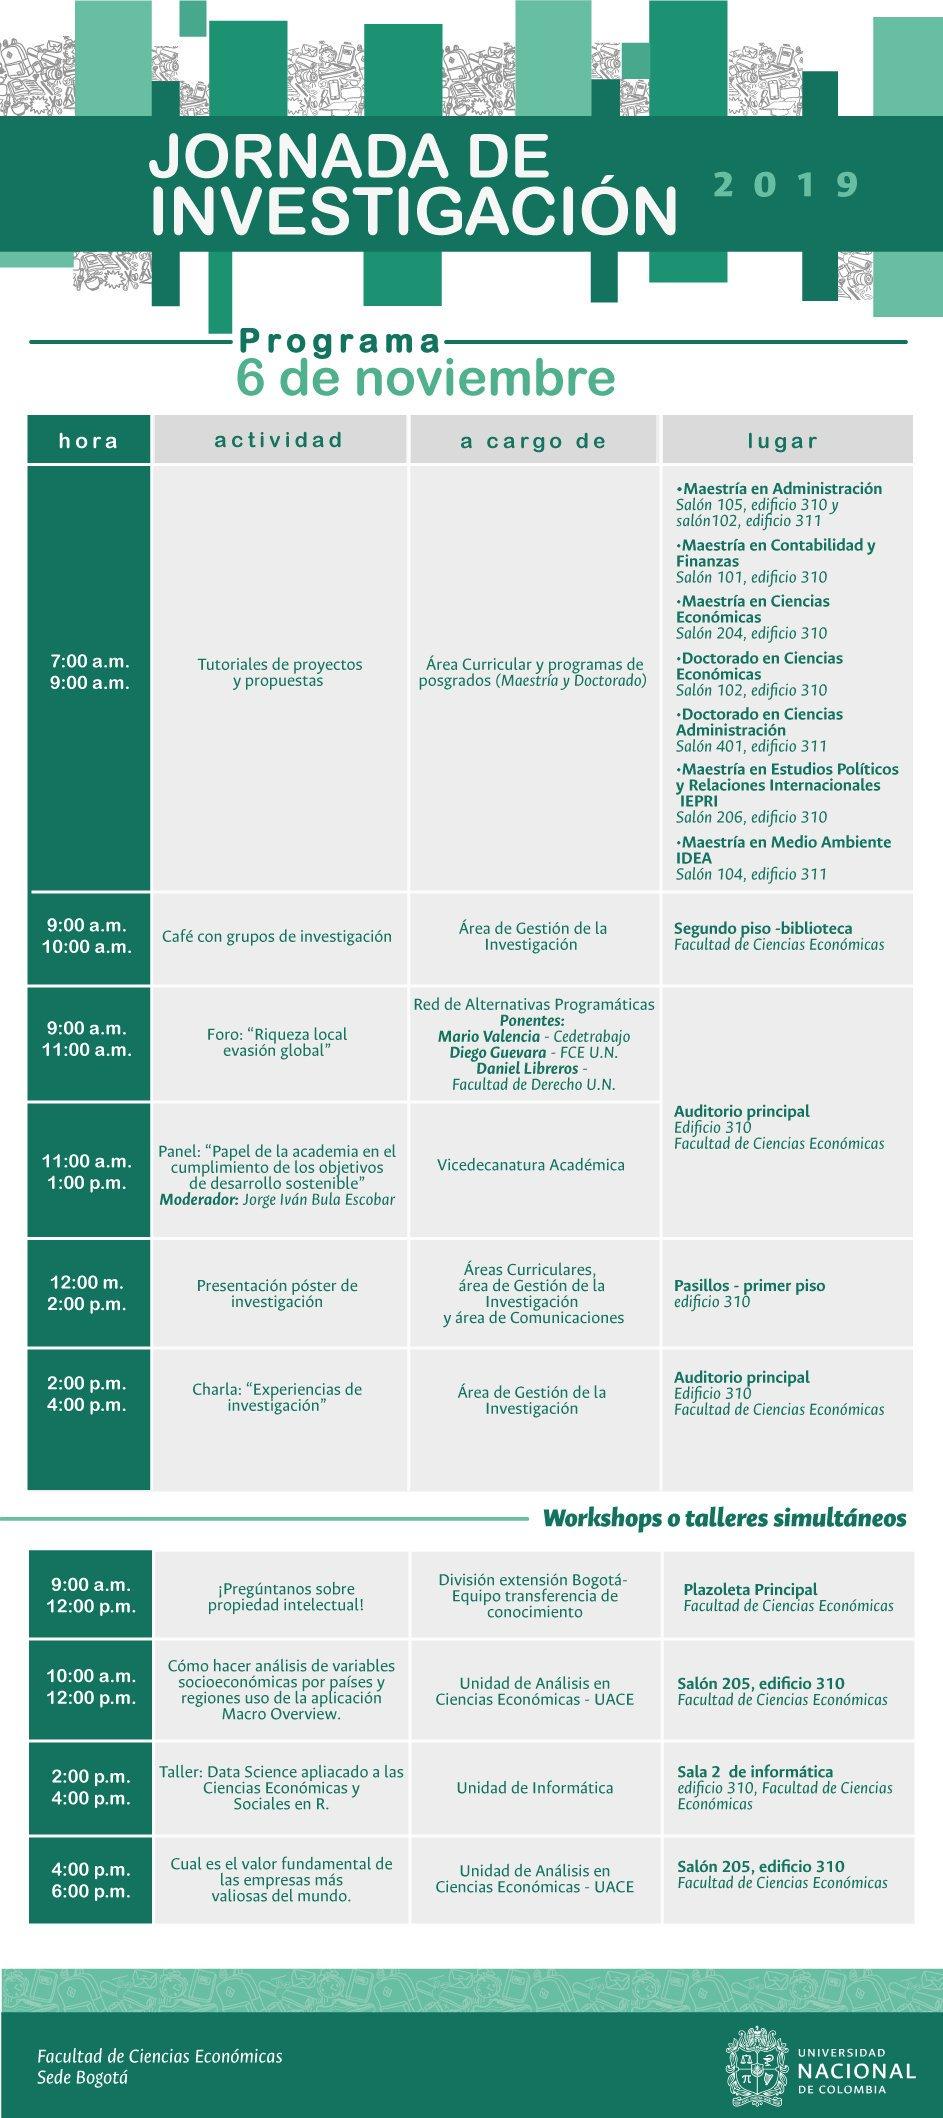 Jornada de Investigación de la Facultad de Ciencias Económicas UNAL sede Bogotá (2019-2)